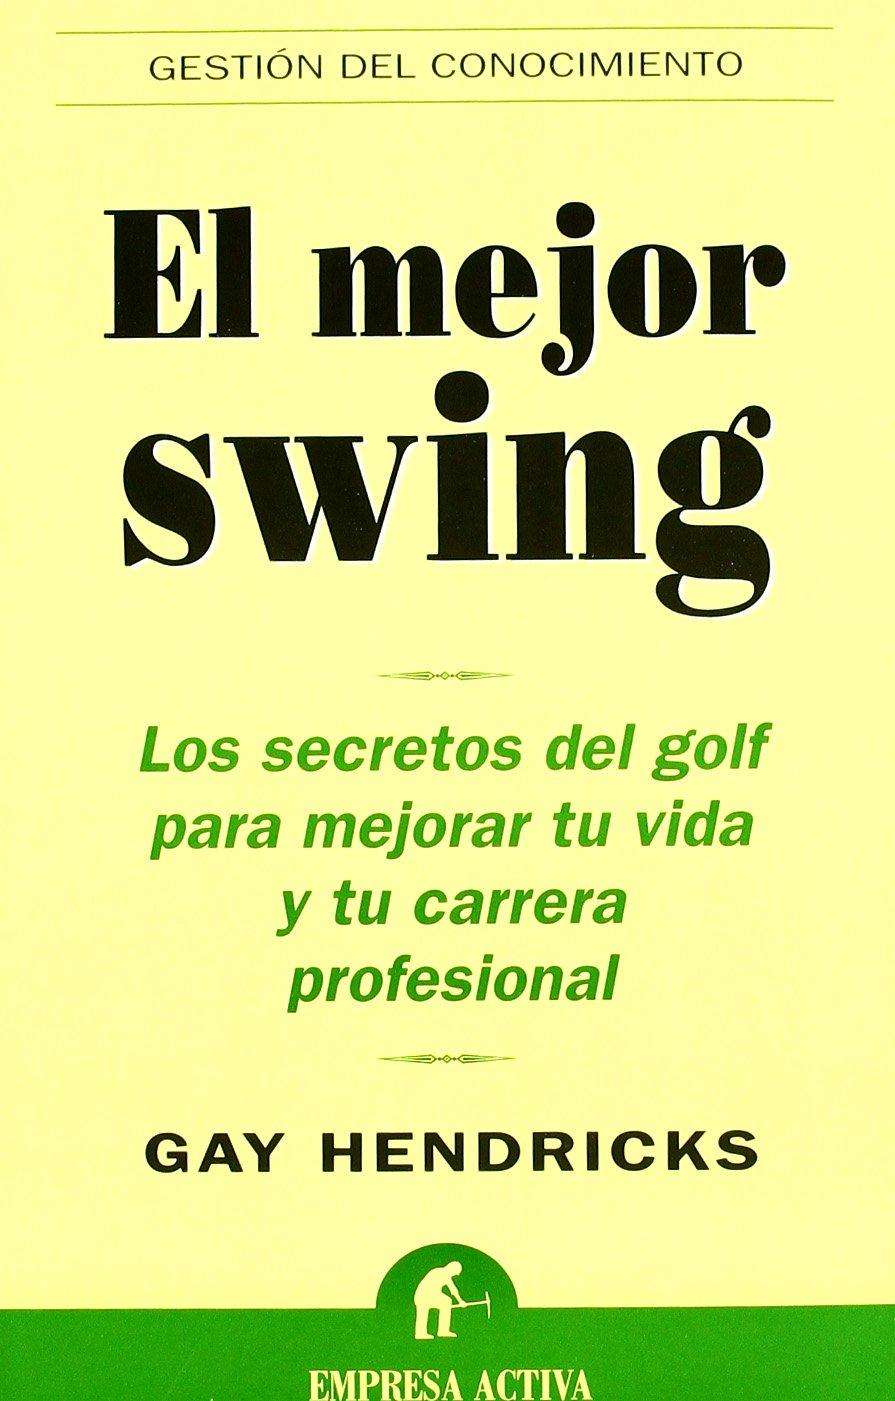 El mejor swing (Gestión del conocimiento): Amazon.es: Gay Hendricks, Sergio Bulat Barreiro: Libros